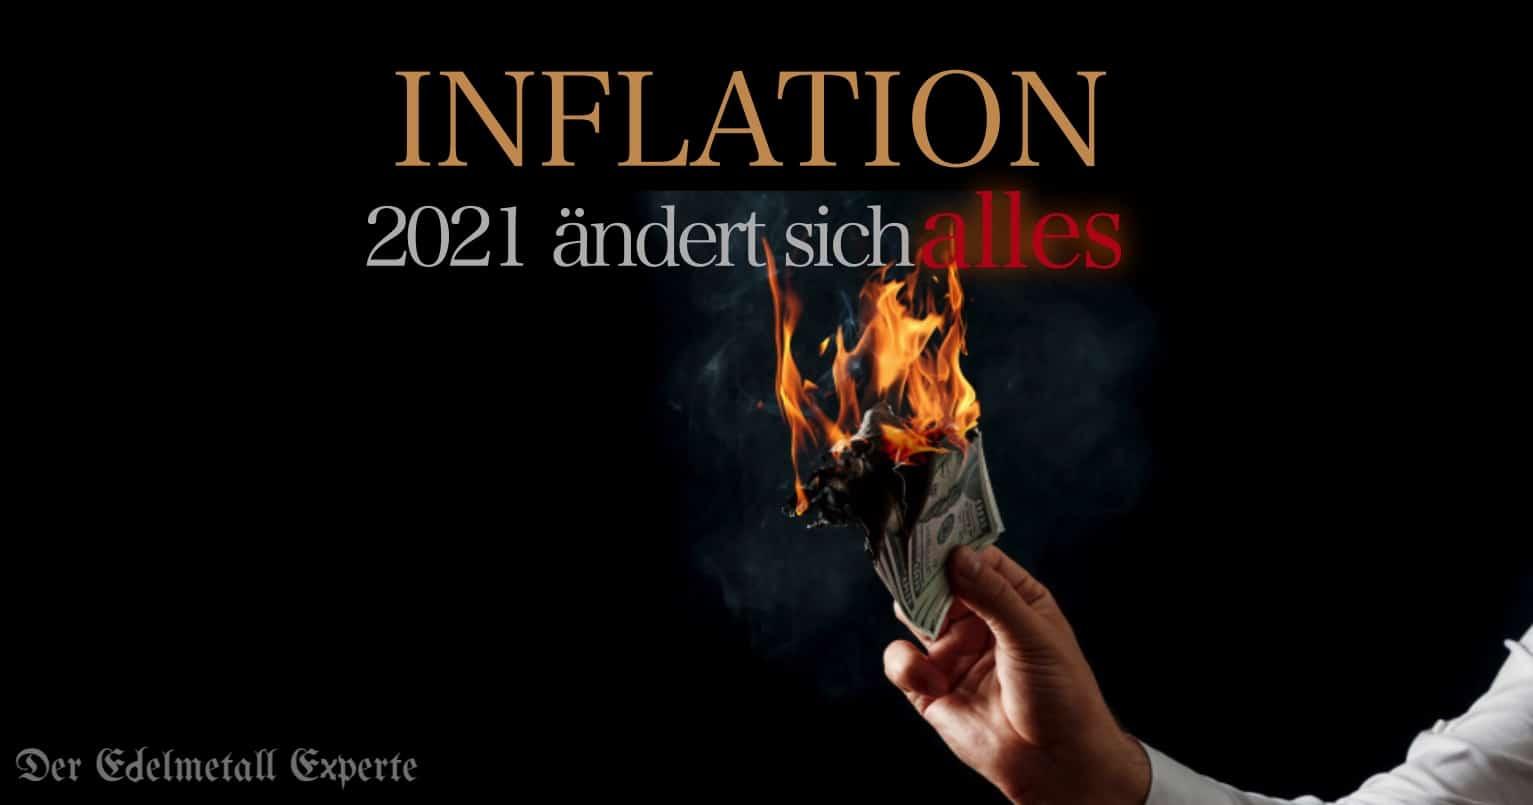 Inflation kommt 2021